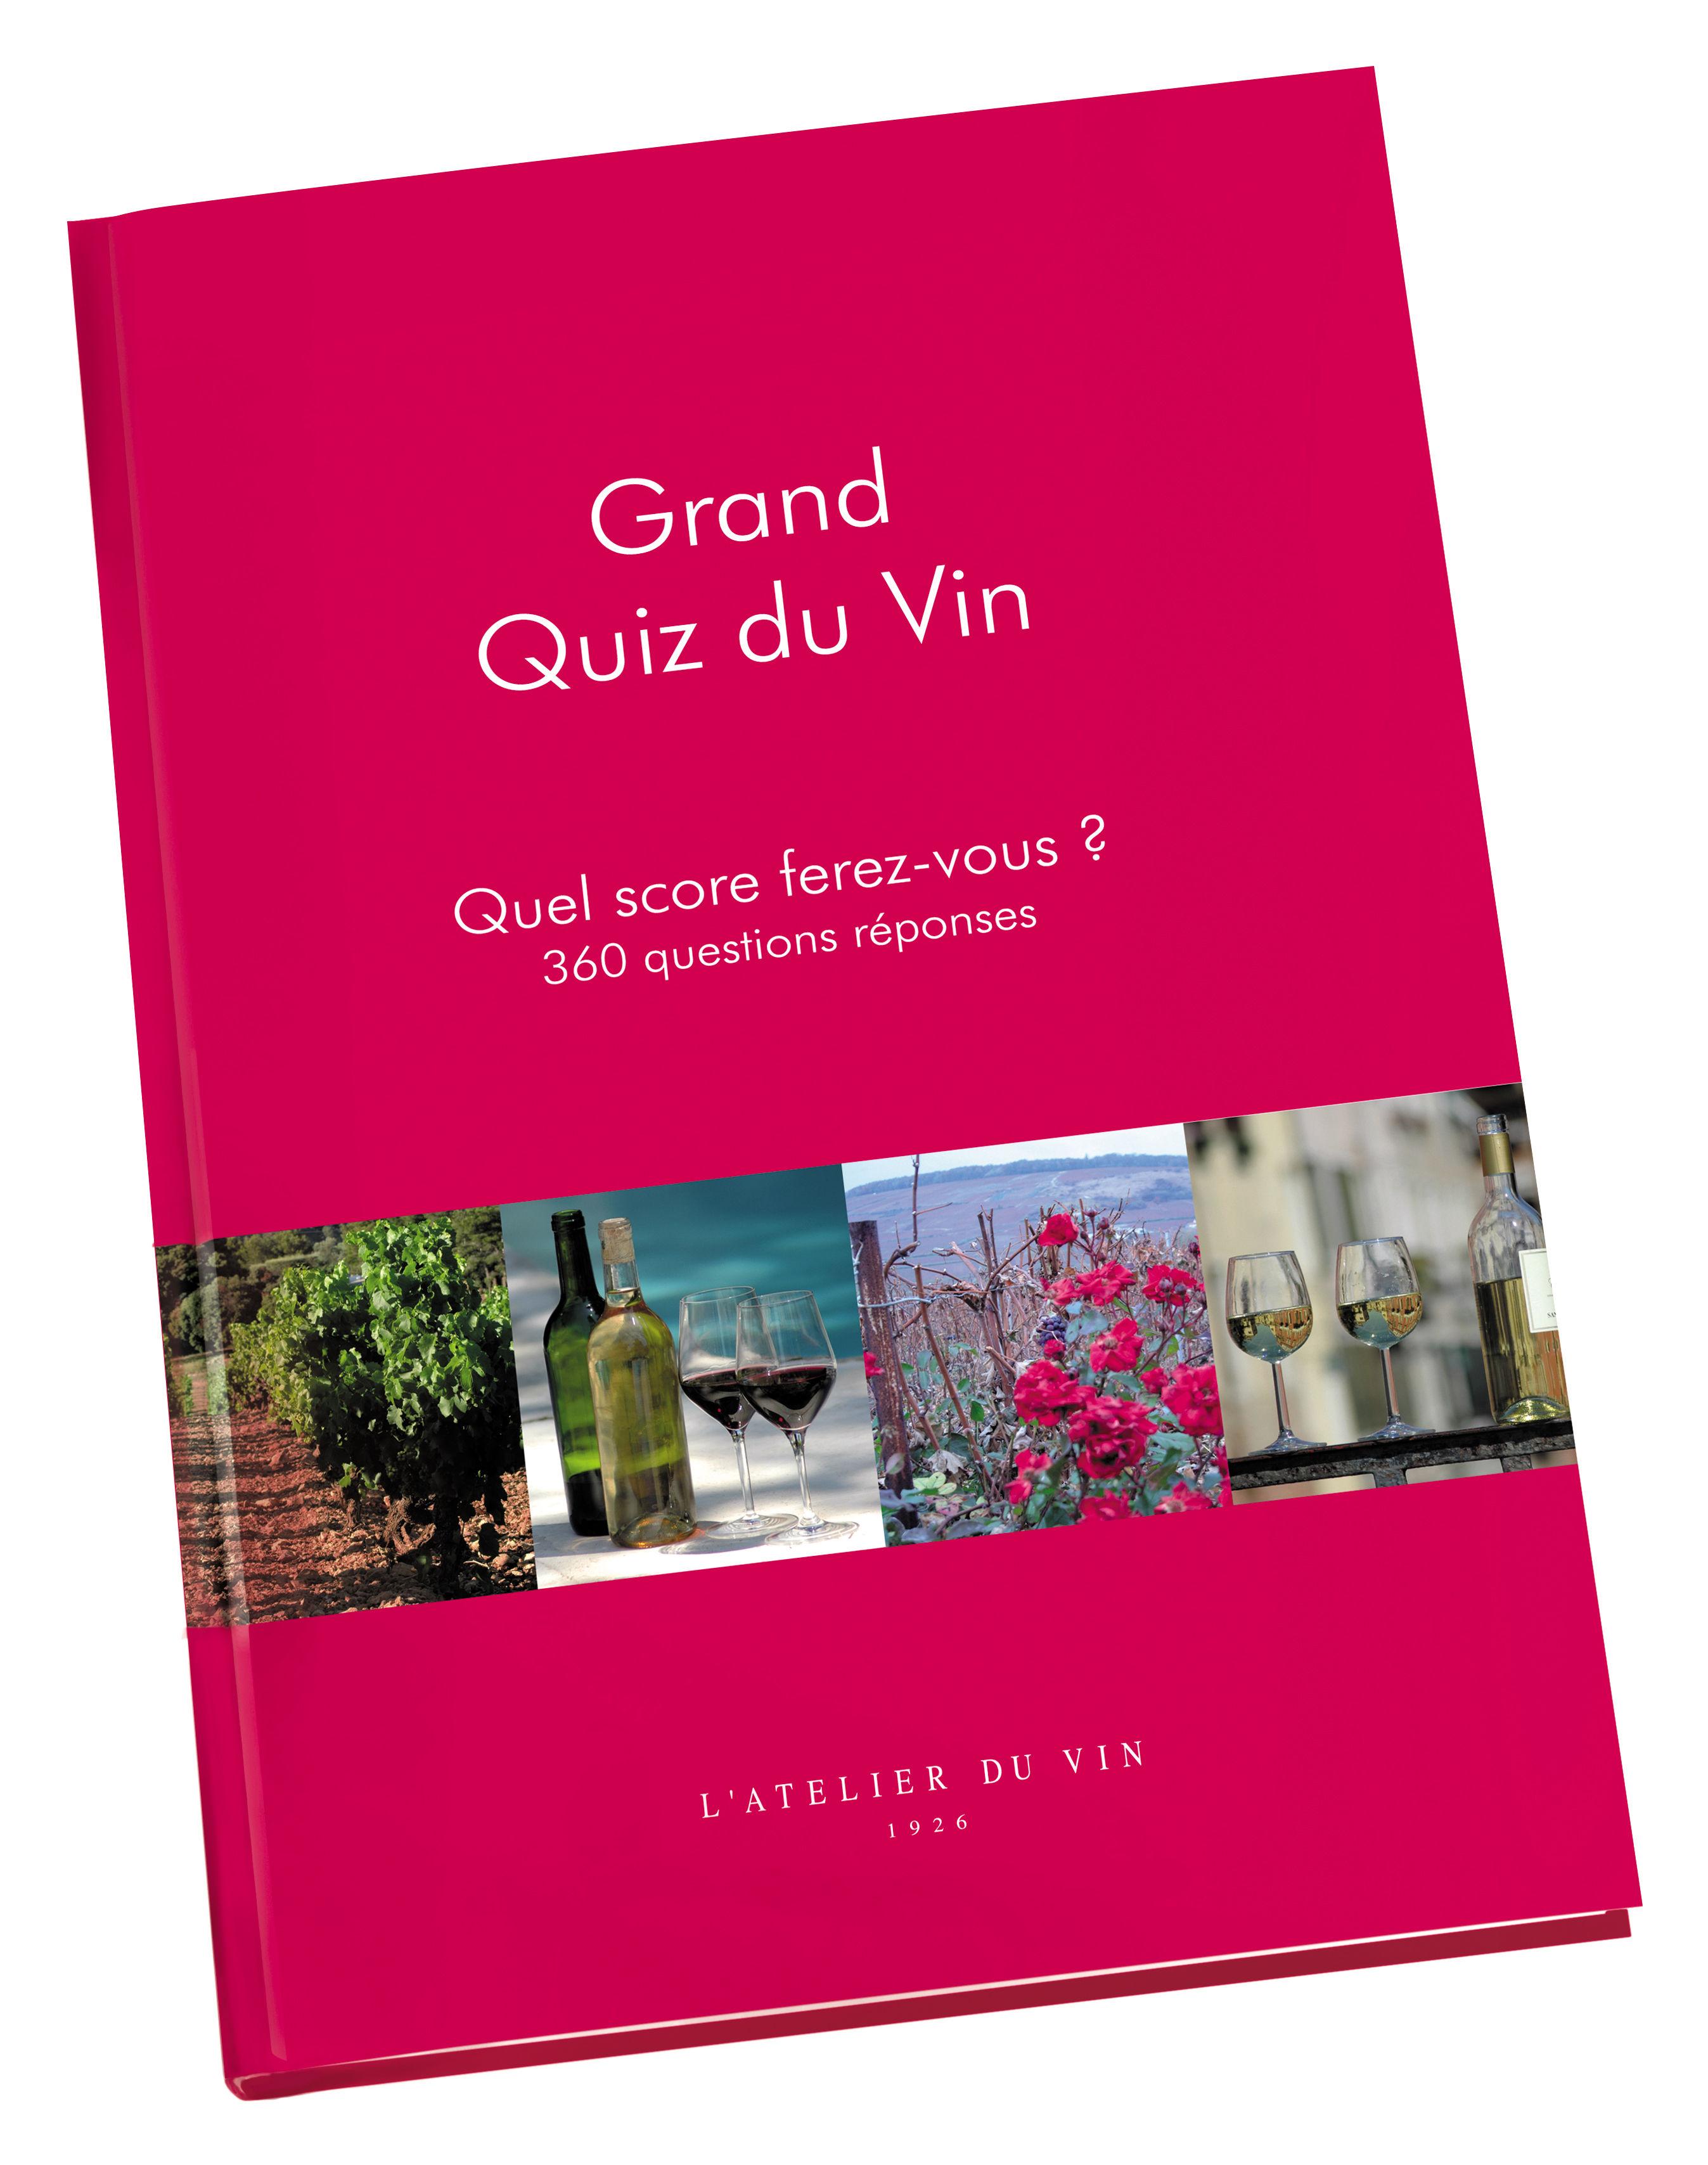 Accessori moda - Libri e Dvd - Libro Grand Quiz du Vin - 360 questions réponses di L'Atelier du Vin - Rosso - Carta